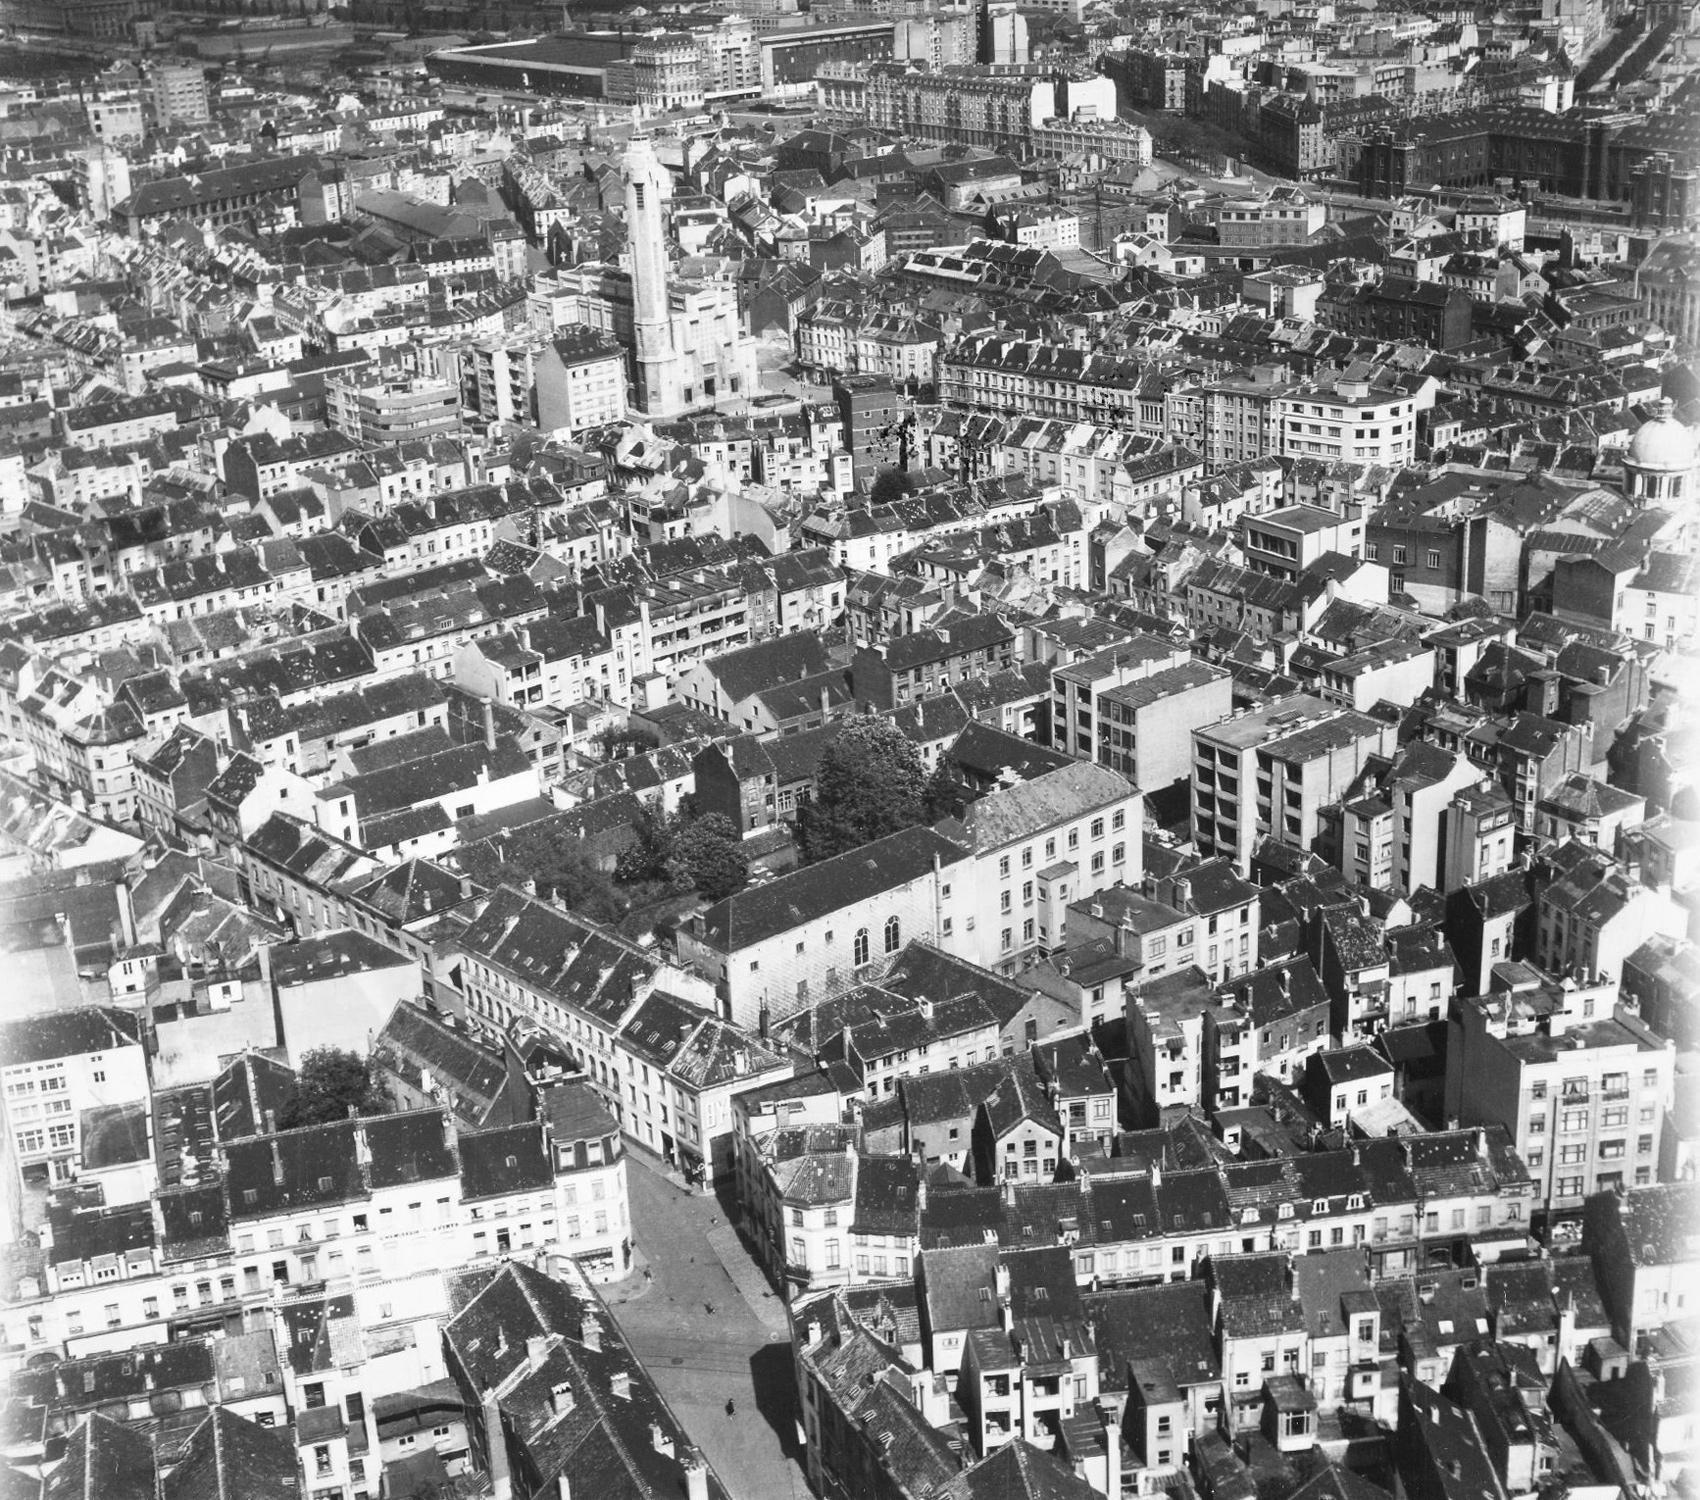 """Luftbild von Brüssel und dem Stadtteil Molenbeek-Saint-Jean mit Blick auf die Kirche Saint-Jean-Baptiste (""""Église Saint-Jean-Baptiste"""" bzw. """"Sint-Jan-de-Doperkerk"""")"""